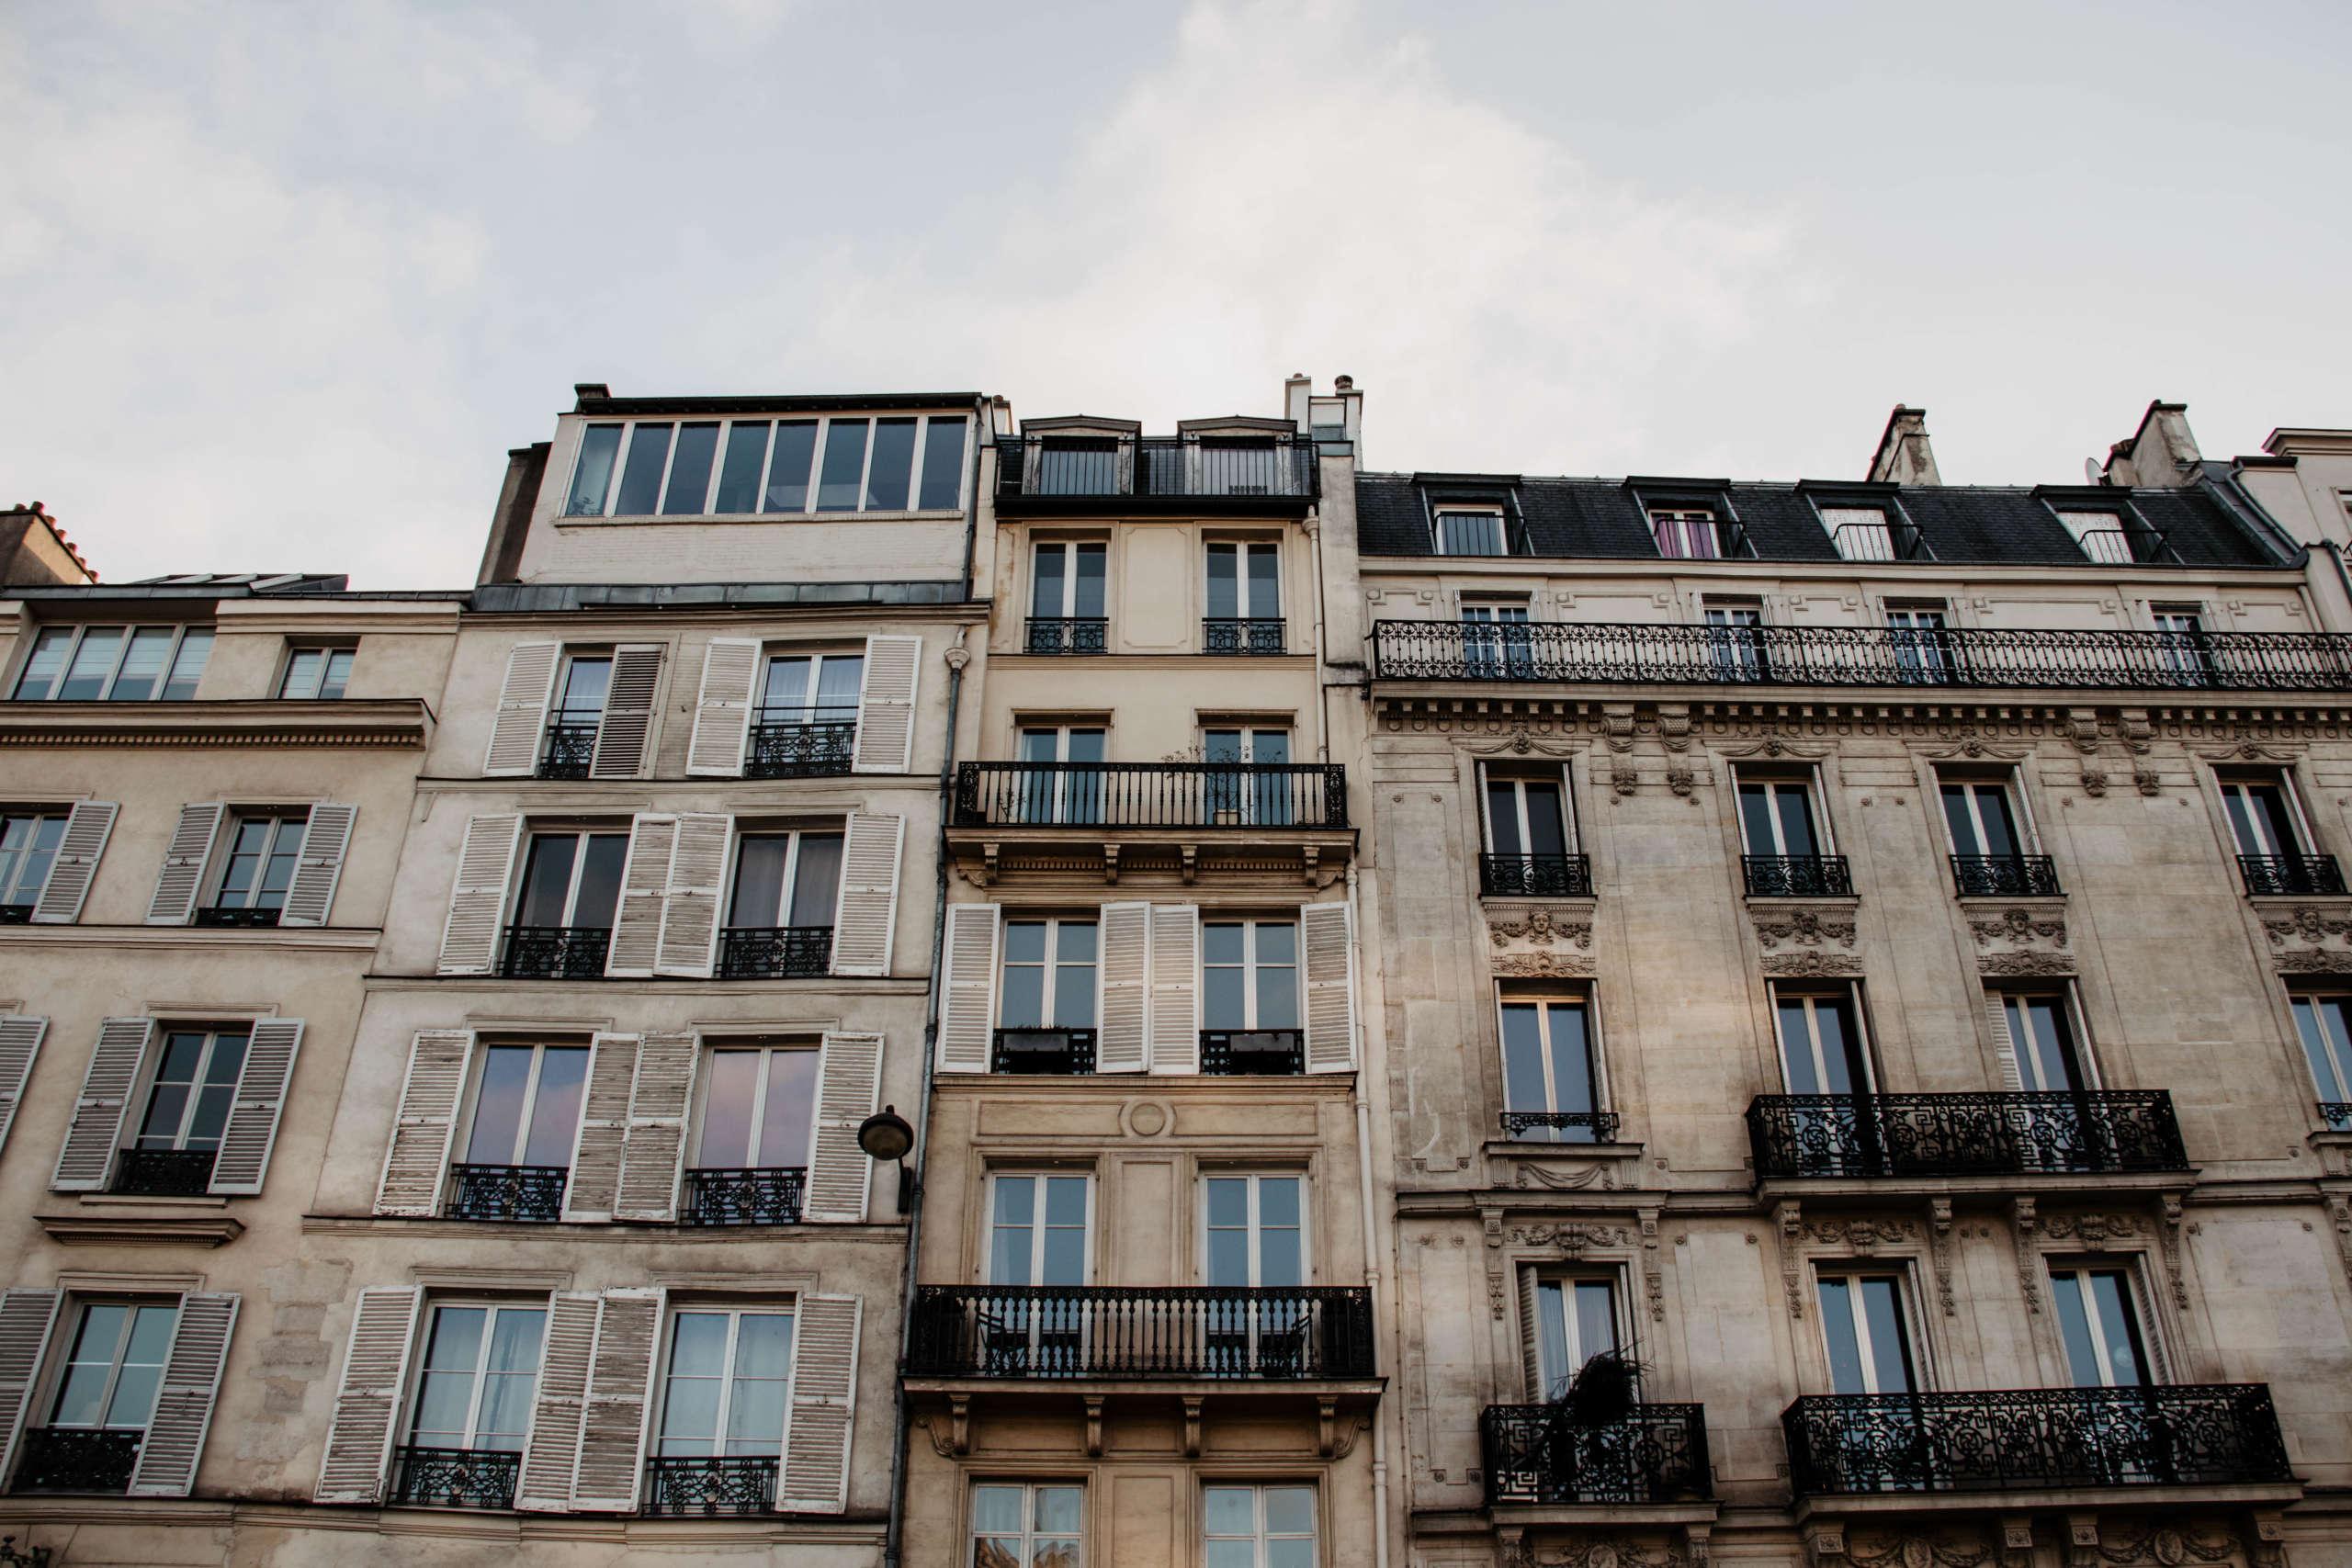 Imposanten Häuserfassaden mit verschnörkelten Balkongeländern begegnen Besuchern an vielen Ecken in Paris.